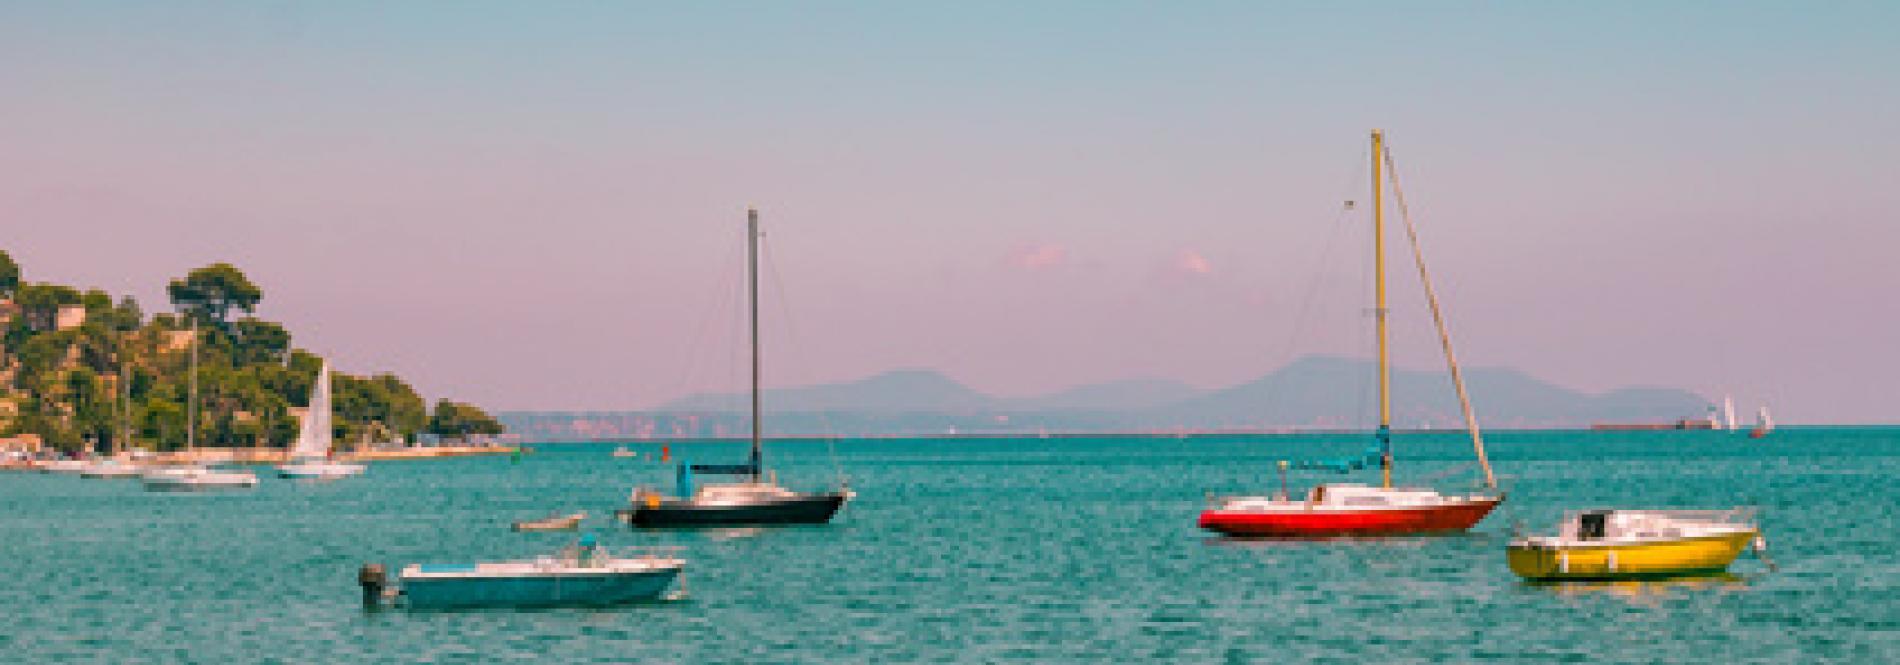 Immobilier à la Seyne sur Mer : les quartiers et les biens à acheter ou louer